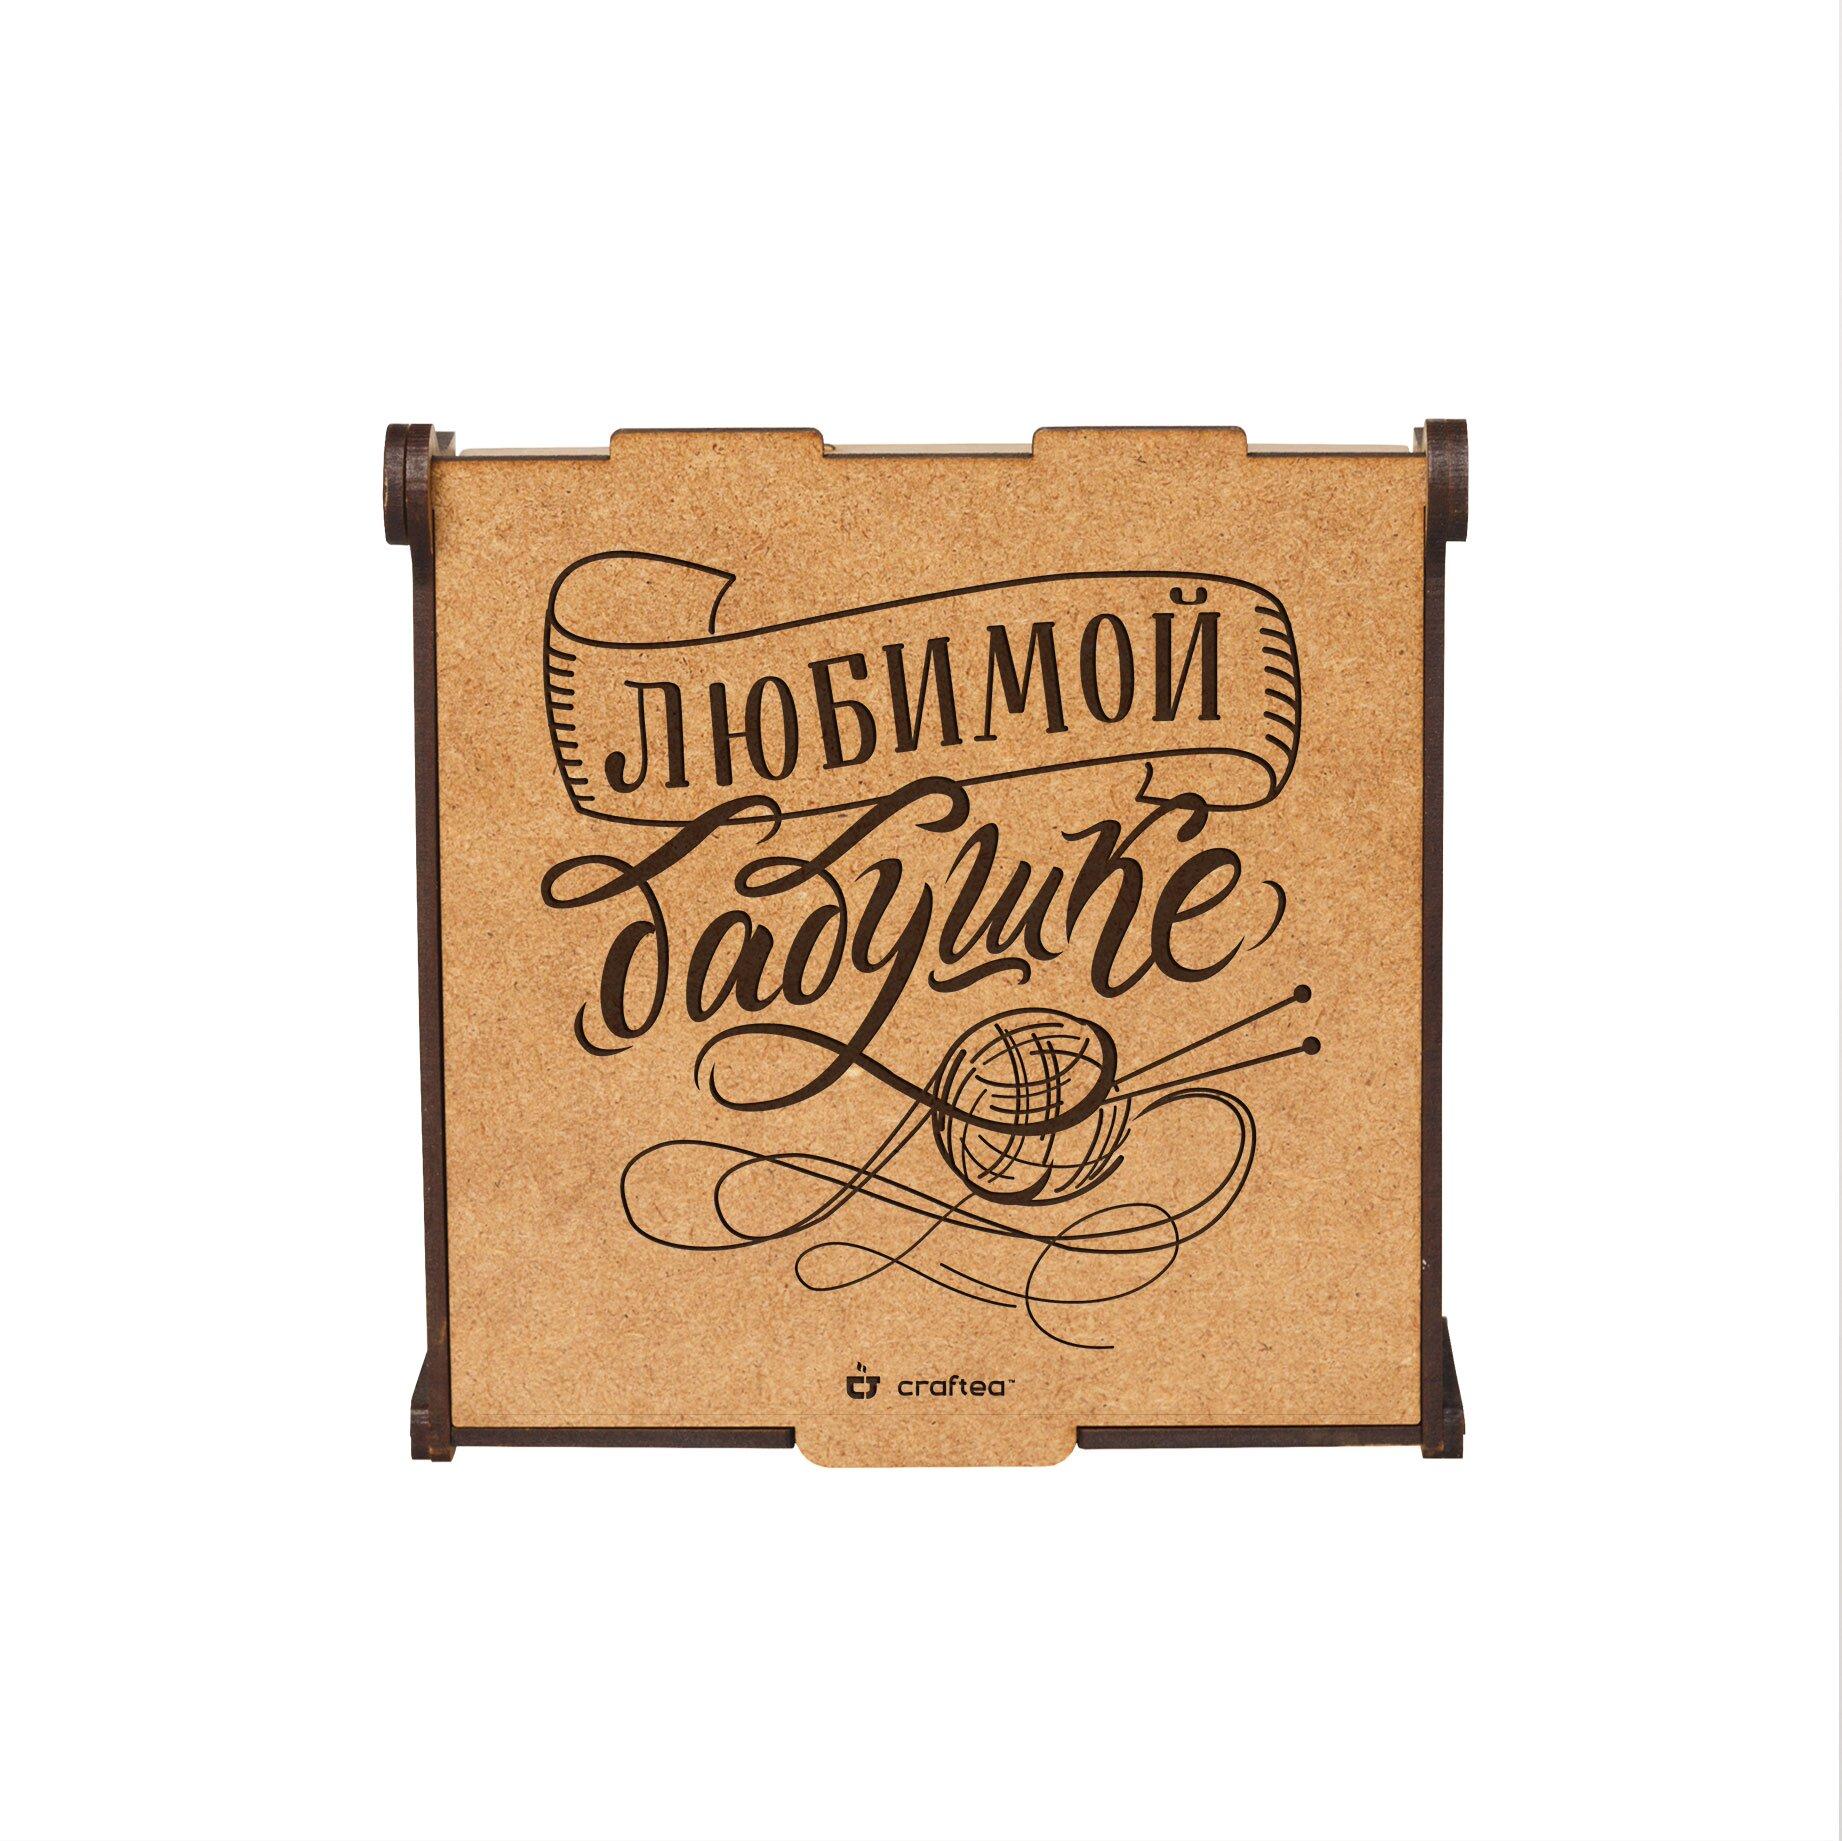 Фото - Подарочный чайный набор CrafTea Любимой бабушке, в деревянной шкатулке, 500 гр. подарочный чайный набор craftea happy birthday в деревянной шкатулке